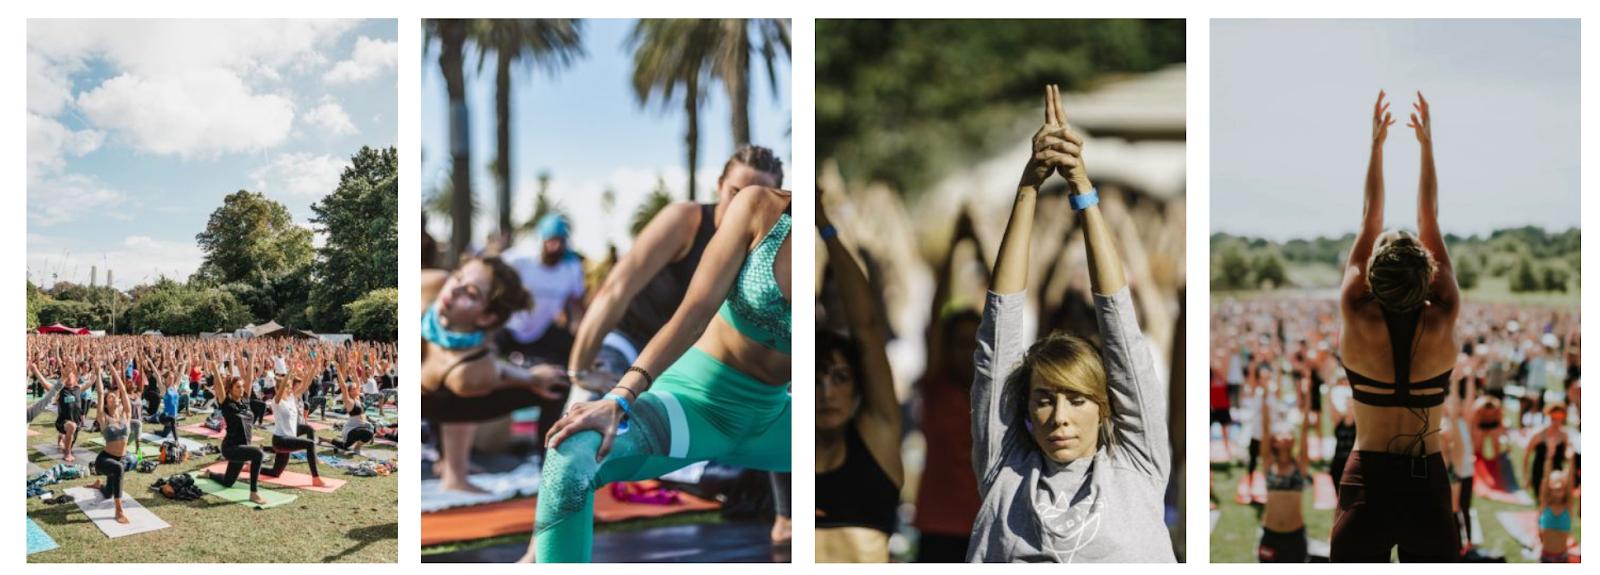 Yoga Festival panels   Wanderlust